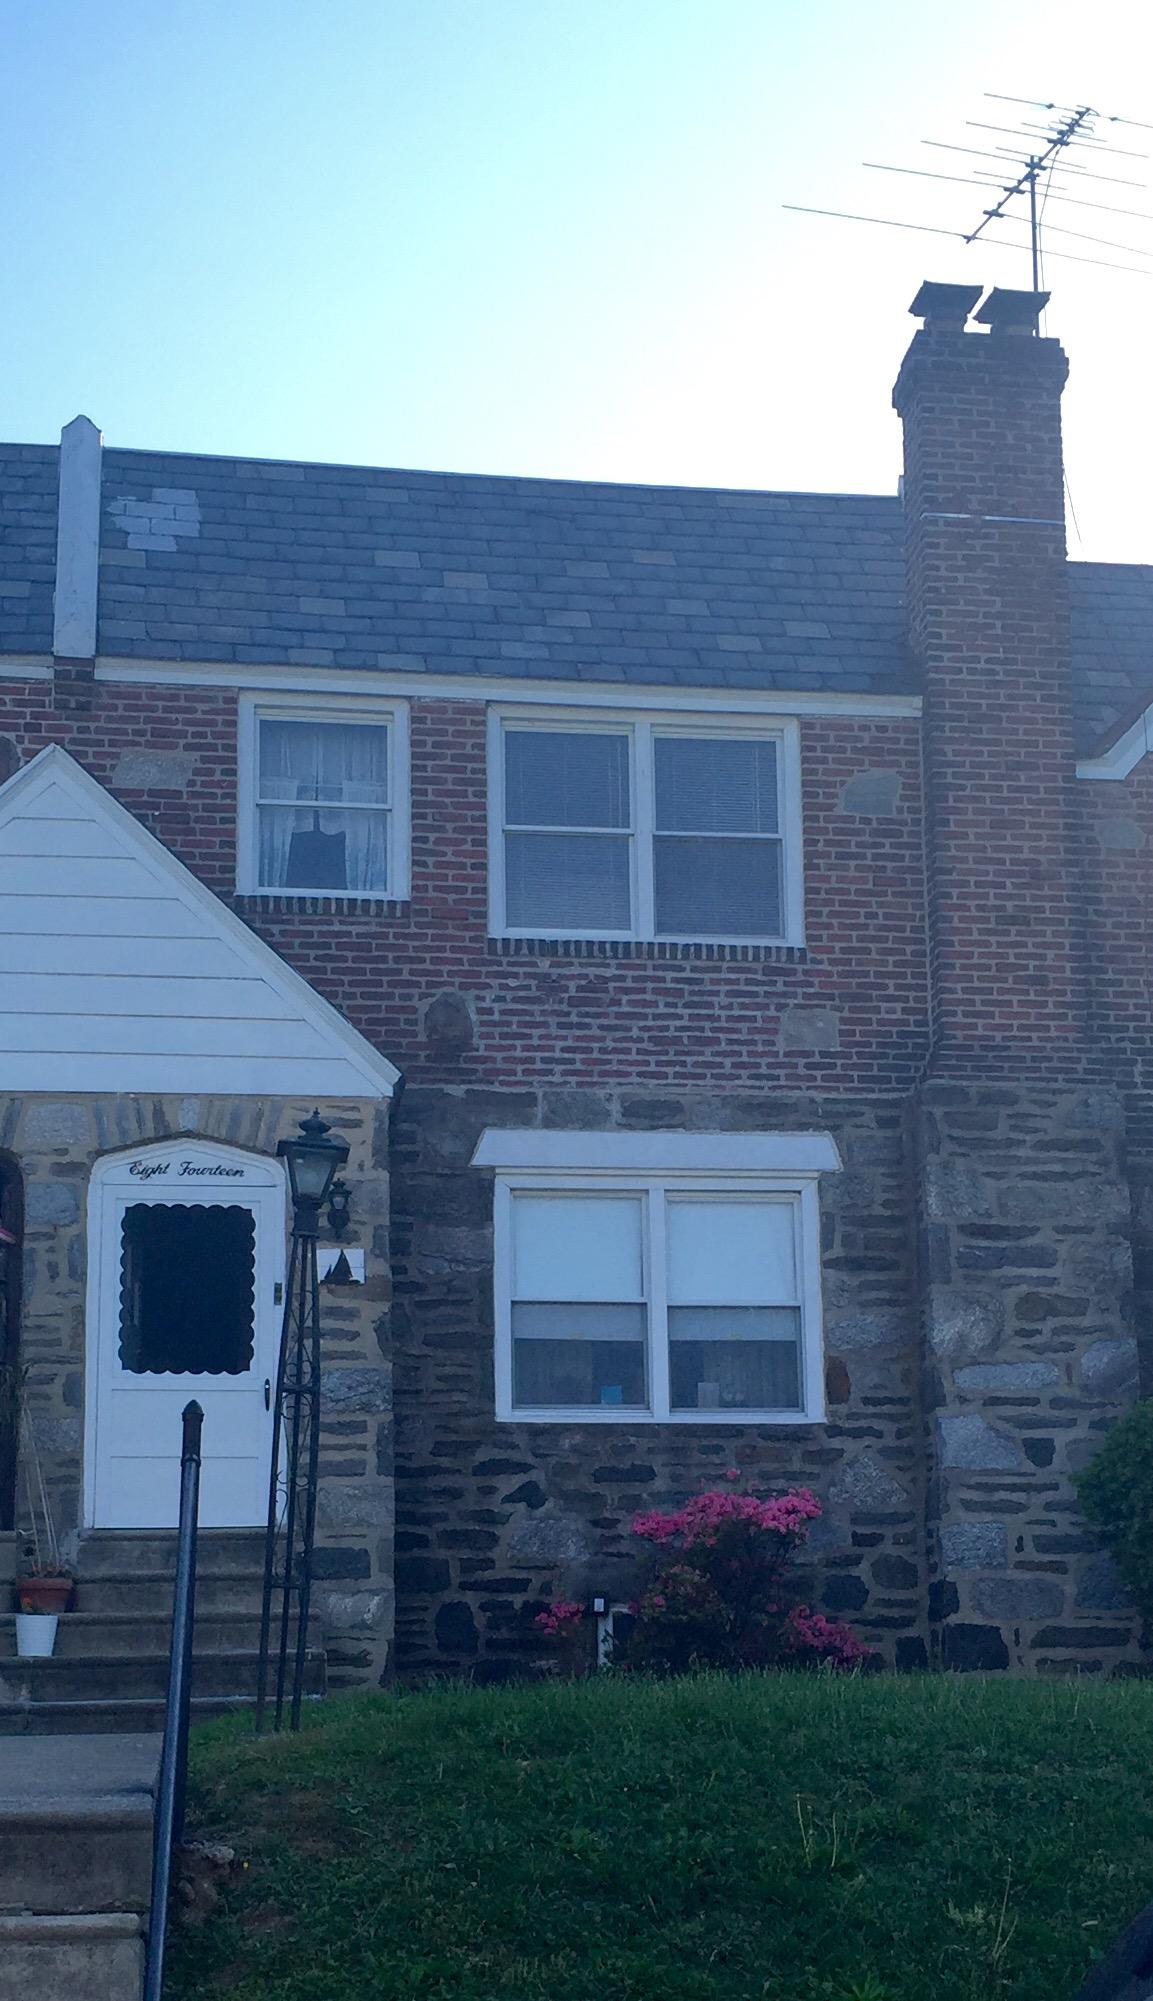 868 – 870 Windermere unit exterior front entrance